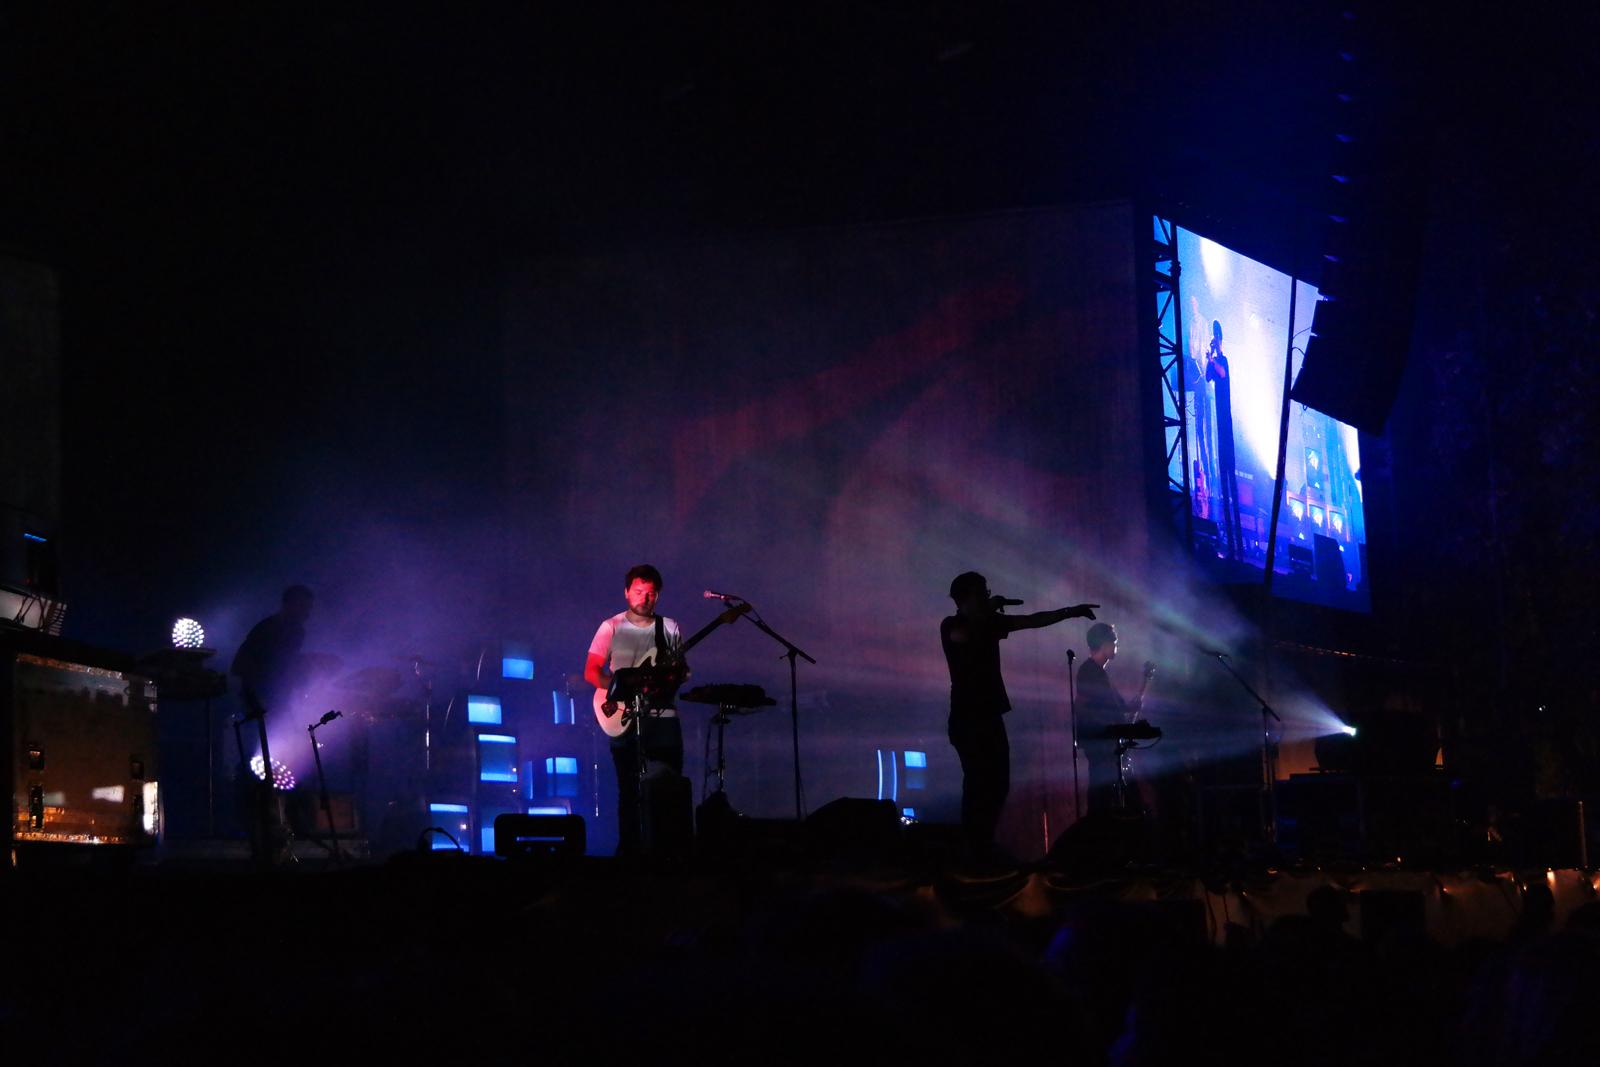 Fauve corp groupe live Rock en Seine 2015 festival concert photo scène by united states of paris blog